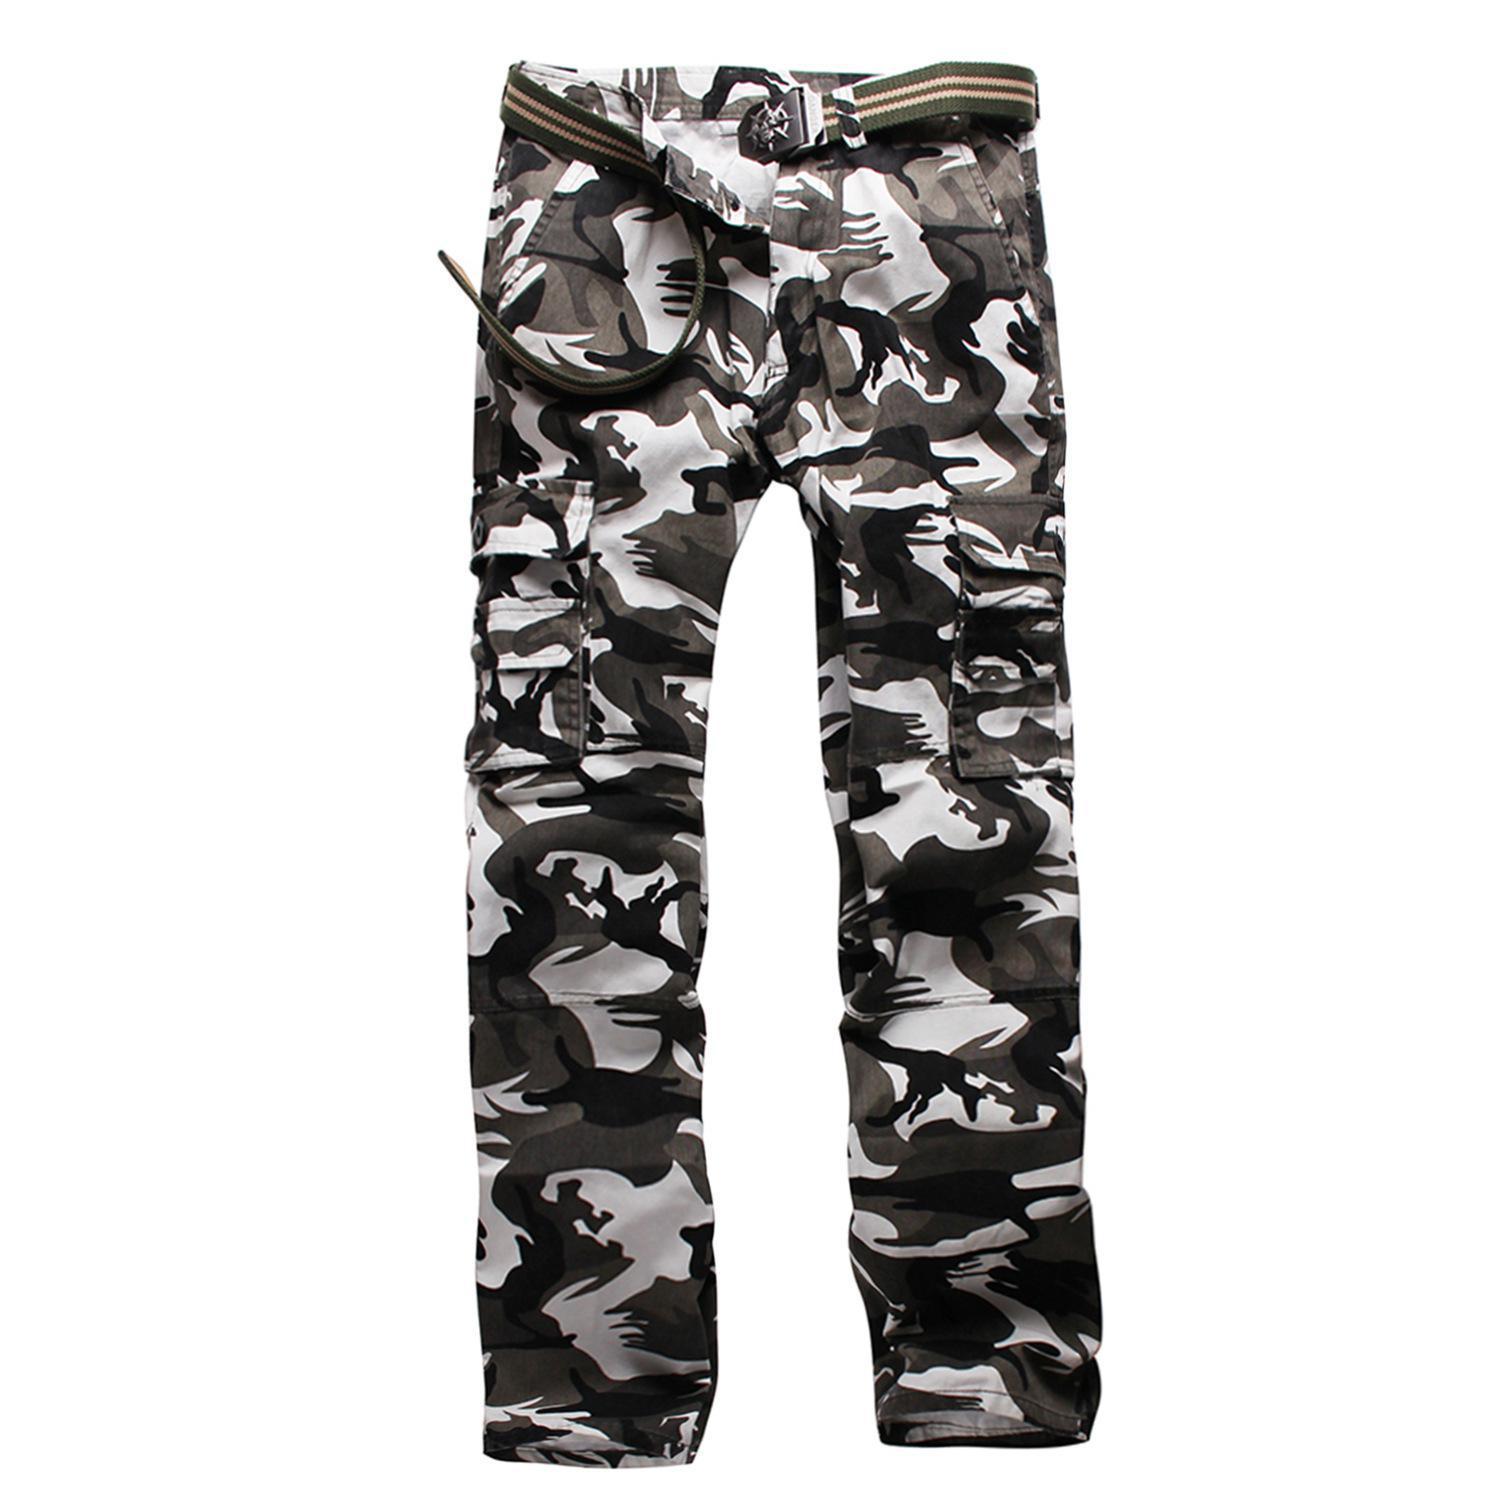 Image 2 - Тактические штаны, джинсы Airborne, повседневные, размера плюс, хлопковые, дышащие, мульти карманы, военные, армейские, камуфляжные, брюки карго для мужчин-in Брюки-карго from Мужская одежда